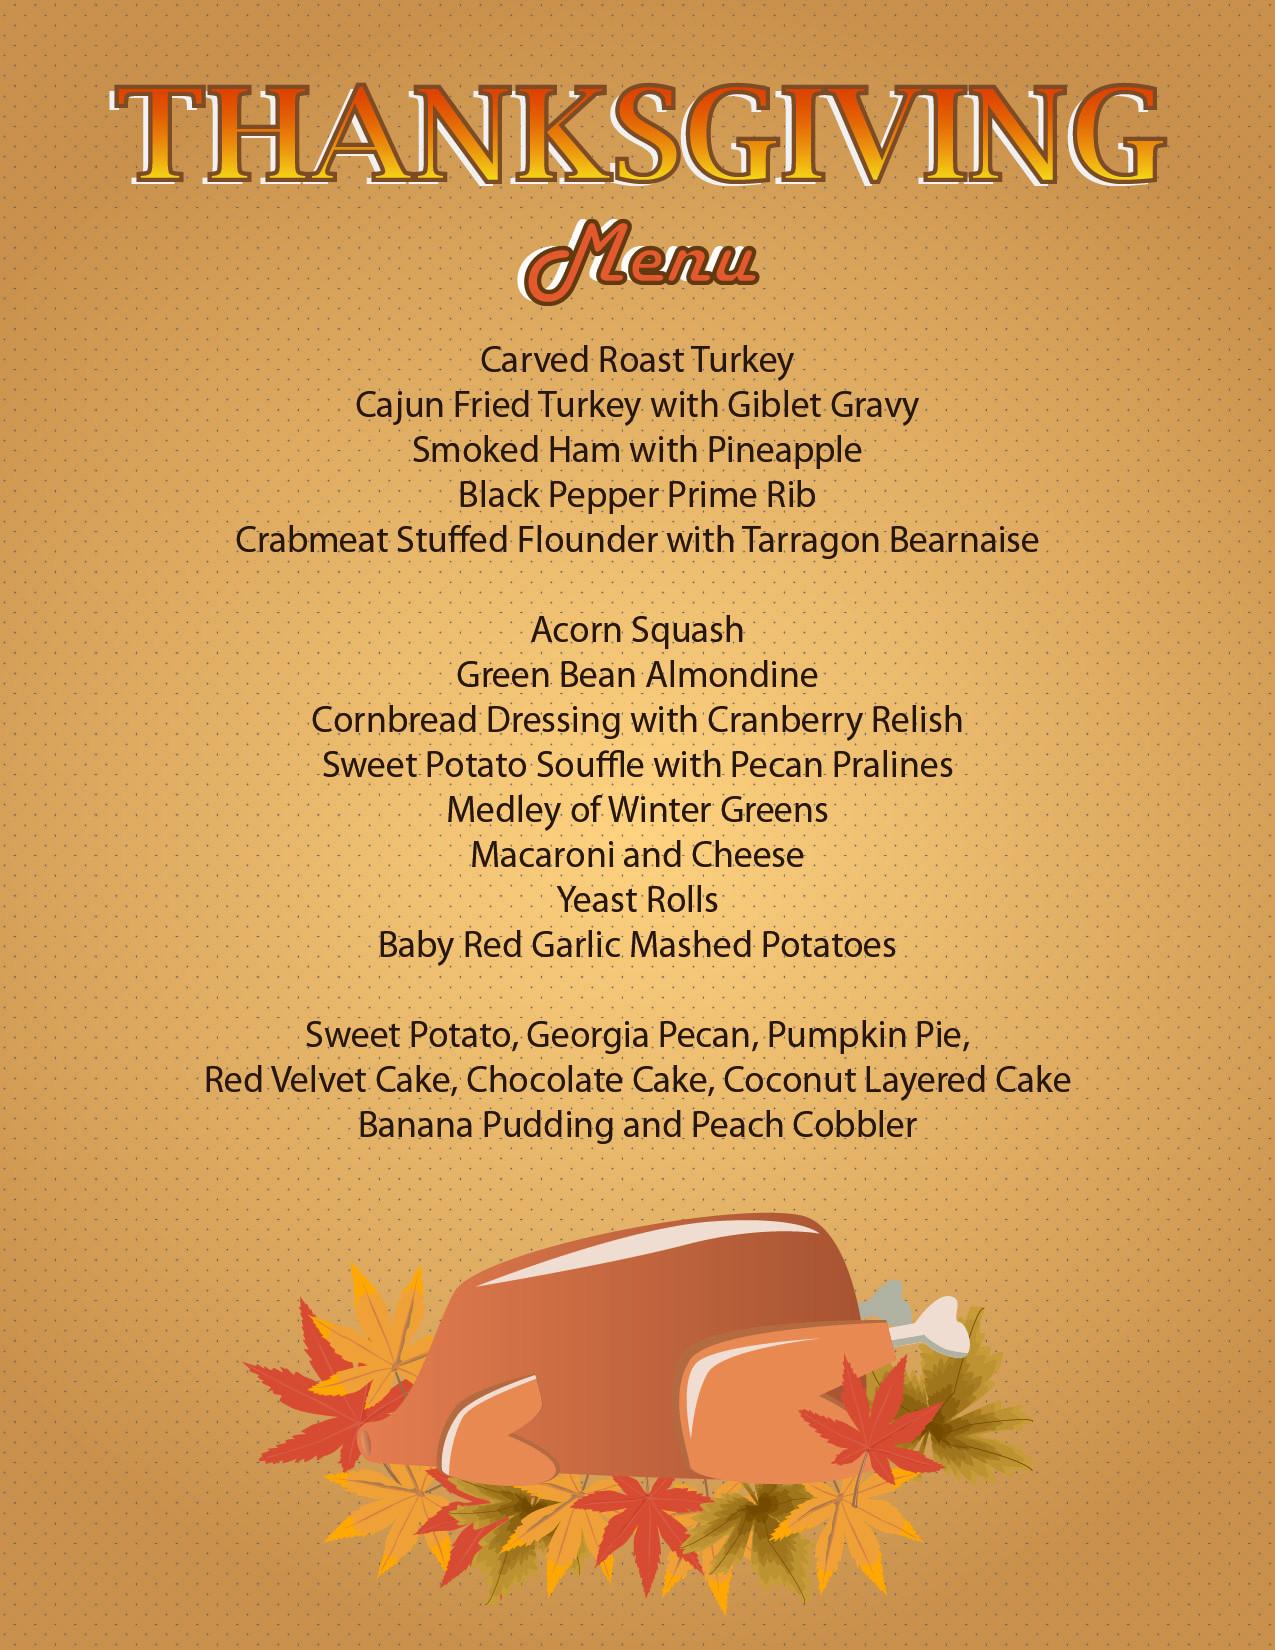 Thanksgiving Dinner Restaurant  Serving Thanksgiving Dinner Today from 4pm 8pm